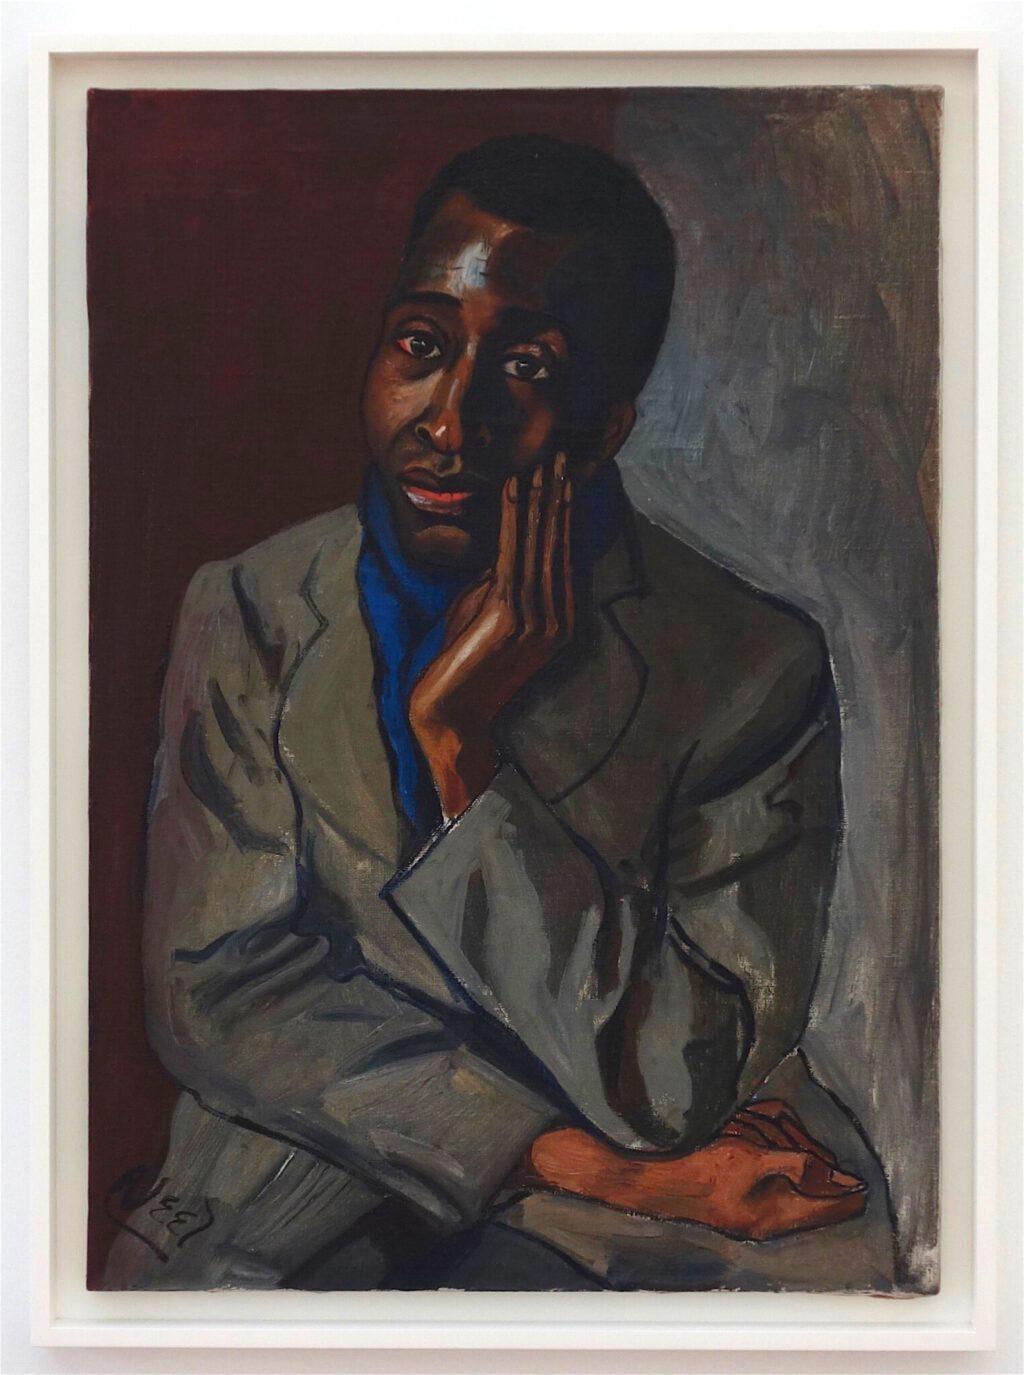 アリス・ニール「ハロルド・クルース」油絵、78.7 x 55.9 センチ、約1950年